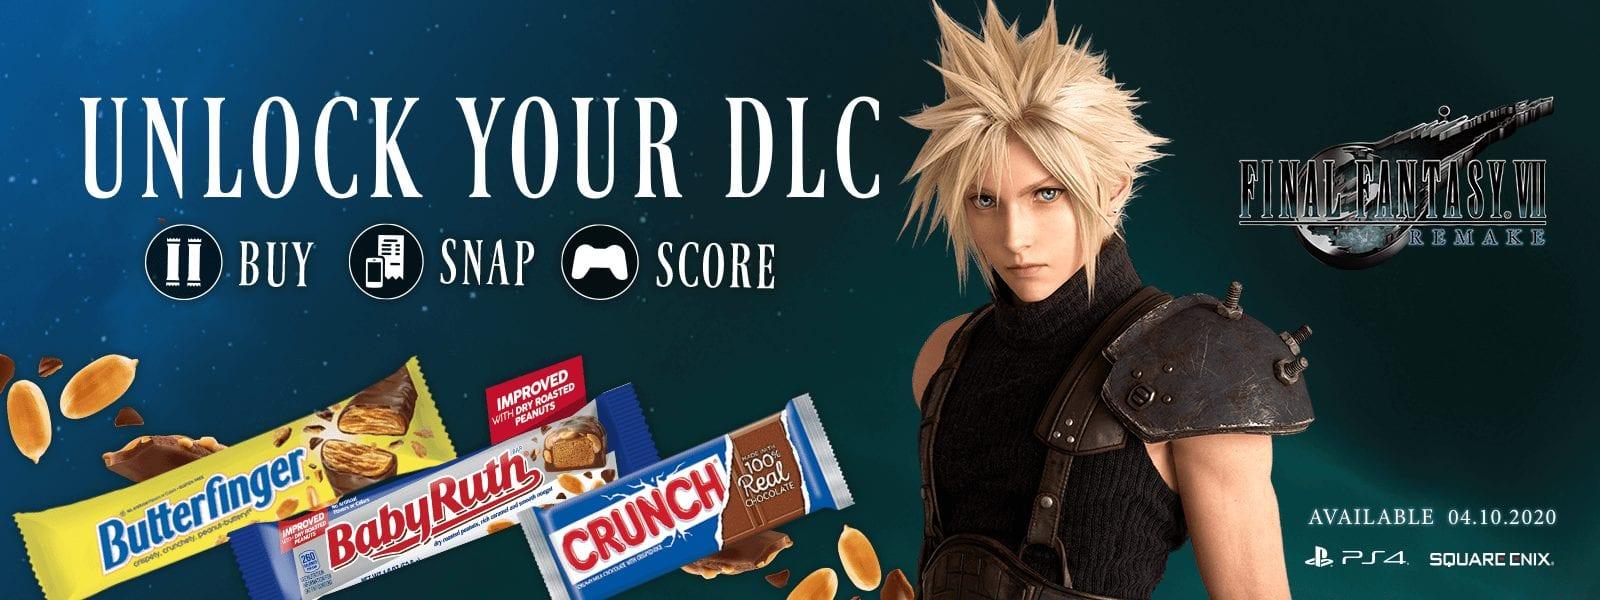 Ferrero сотрудничает с Square Enix, чтобы принести специальный цифровой контент для поклонников Final Fantasy VII Remake